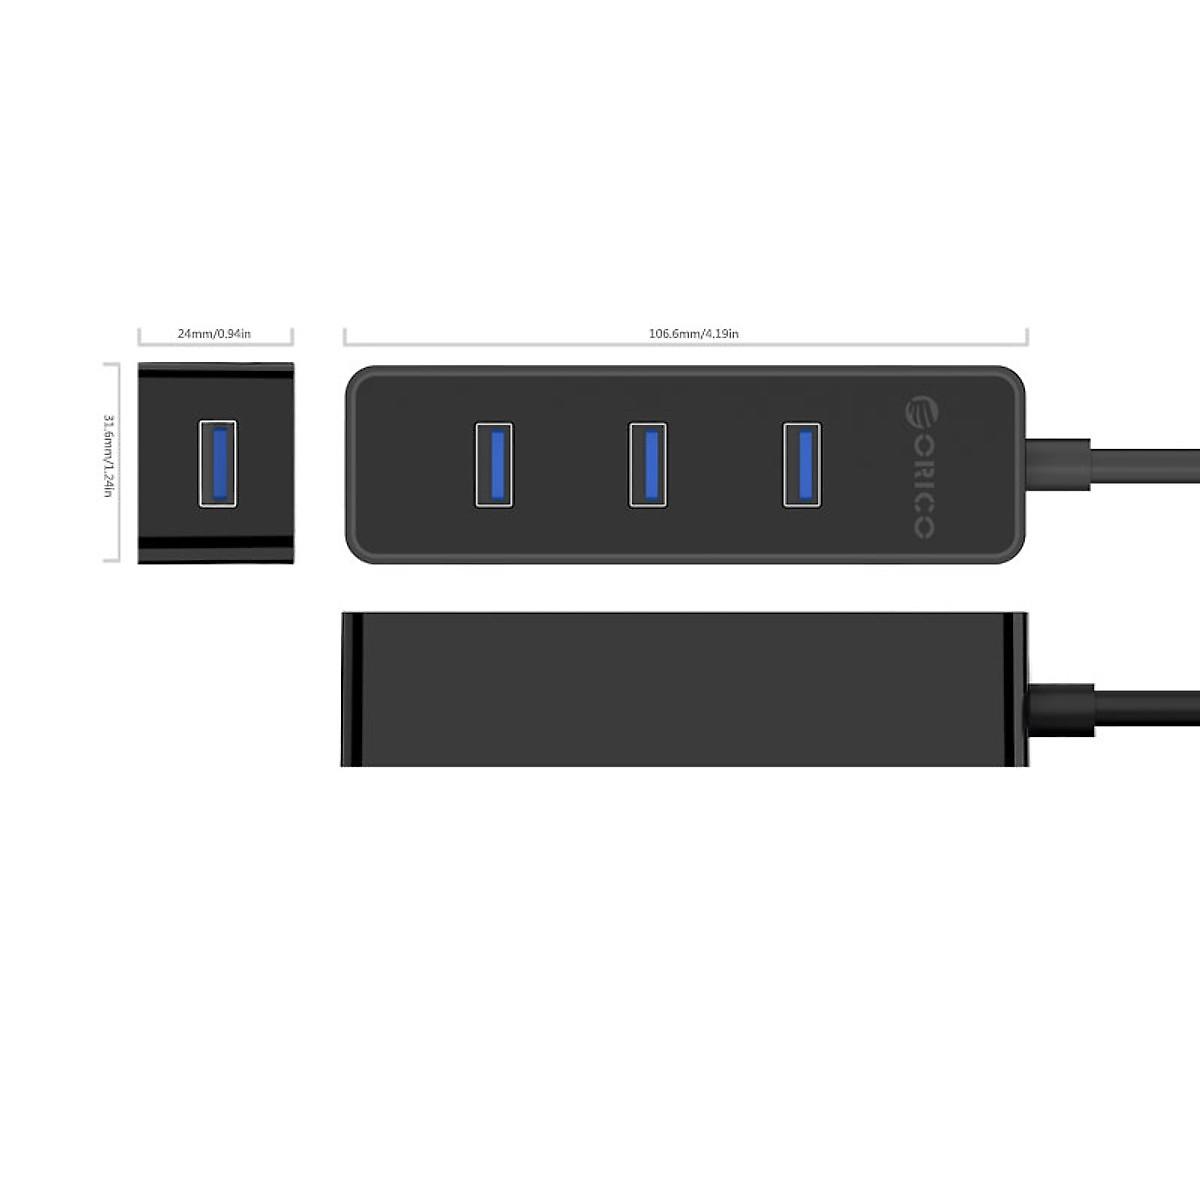 Hub USB 3.0 1 ra 4 Cổng Orico W5ph4-u3 (Bộ chia USB 3.0) - Hàng Nhập Khẩu